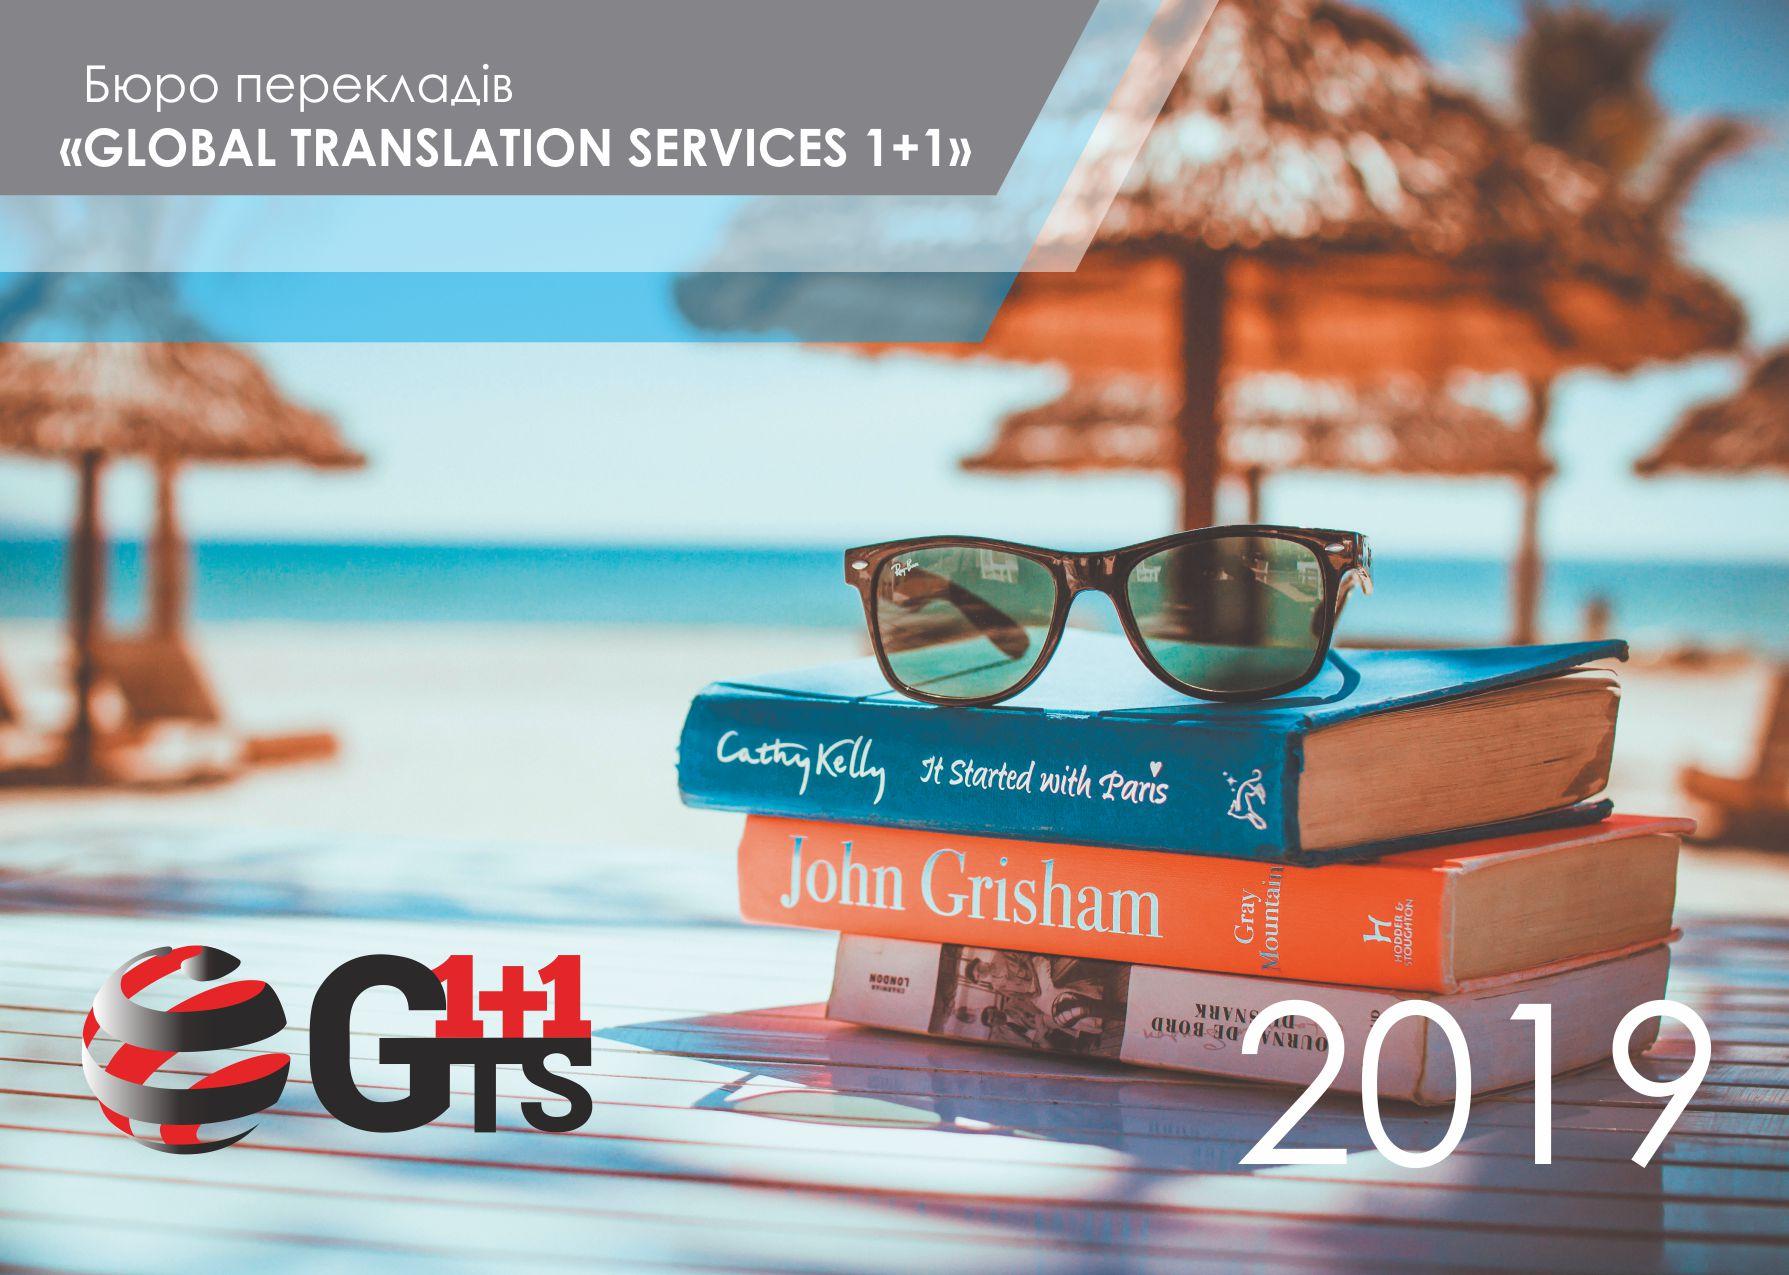 Дизайн квартального календаря бюро переводов GTS вариант №1 www.makety.top